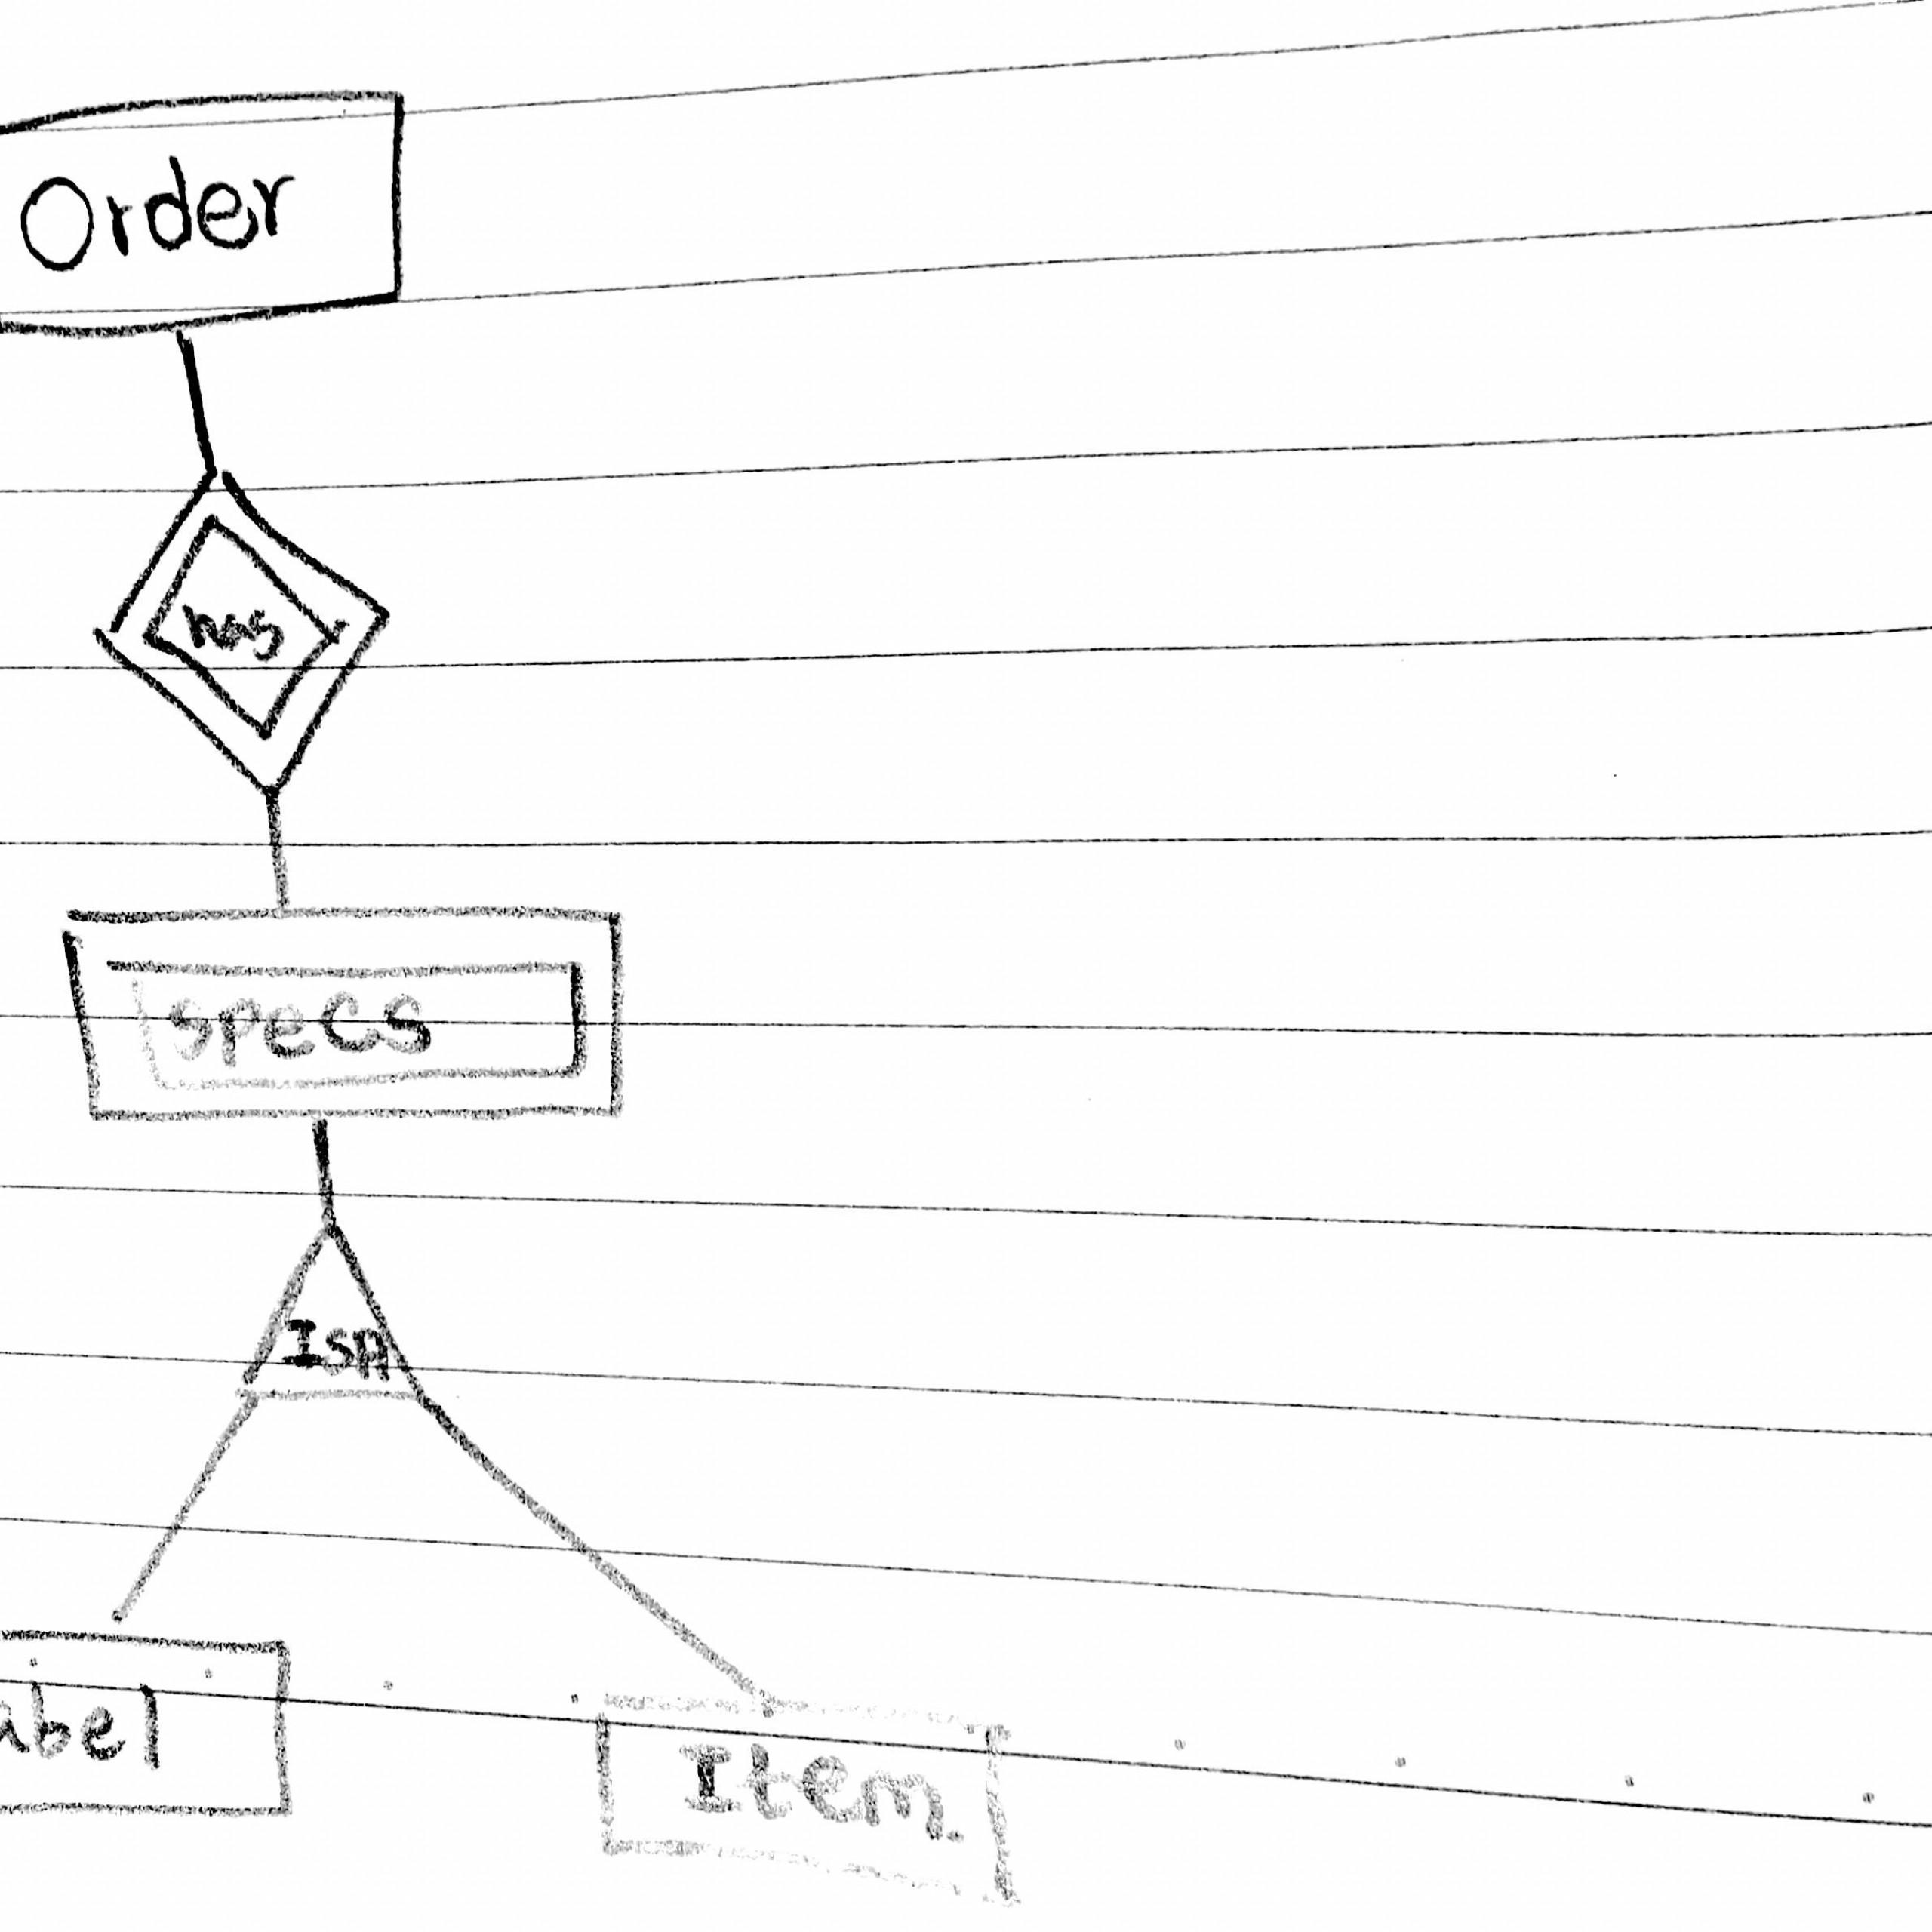 Database-Design - Er Диаграмма Слабый Объект intended for Er Diagram Isa Relationship